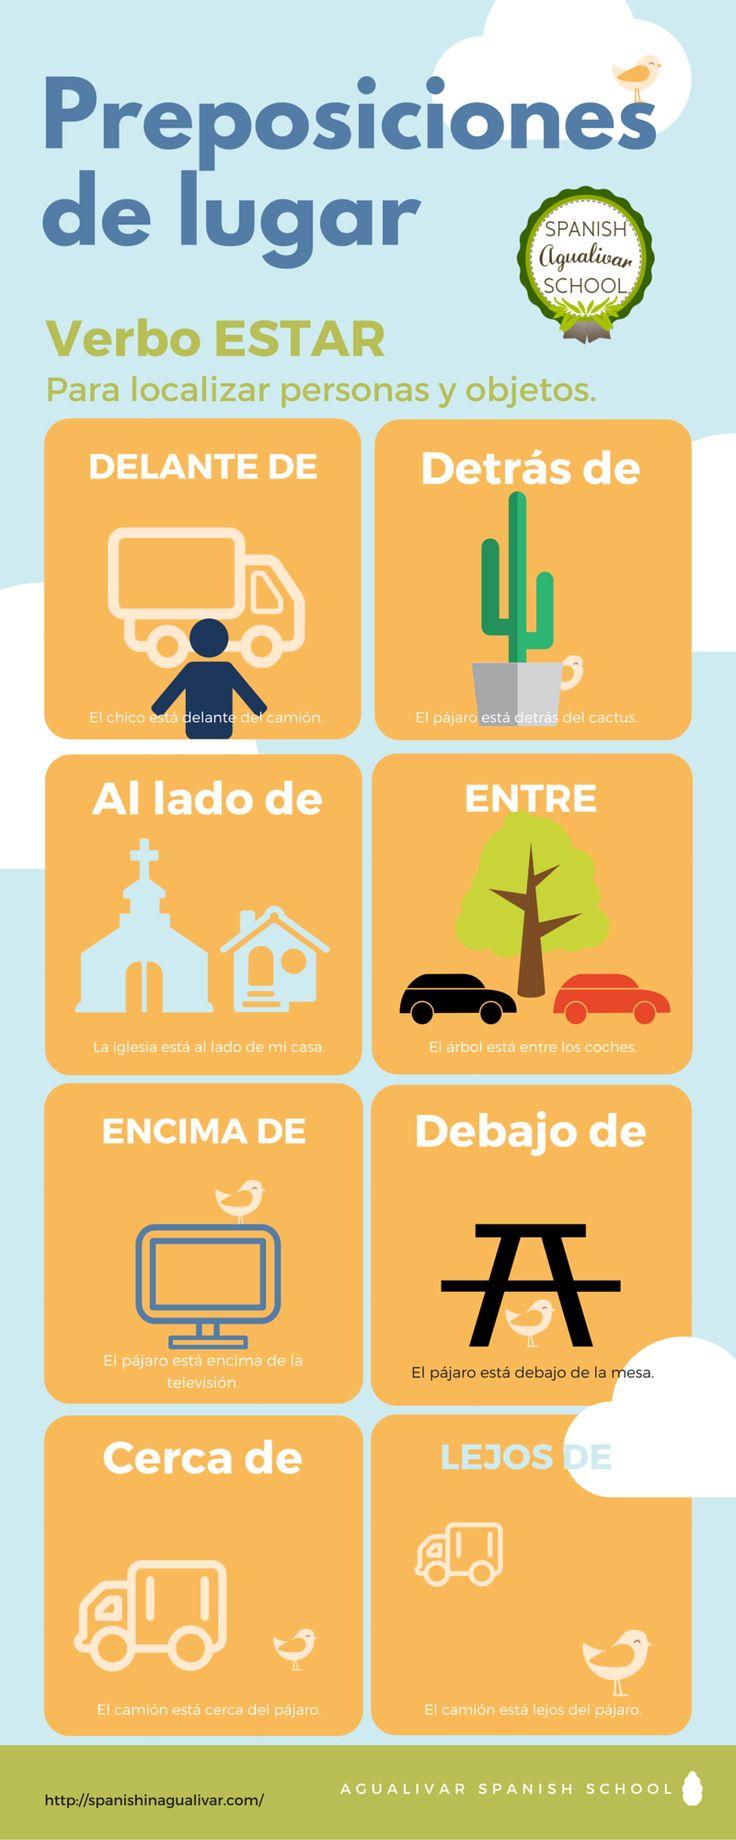 Preposiciones de lugar y verbo ESTAR.